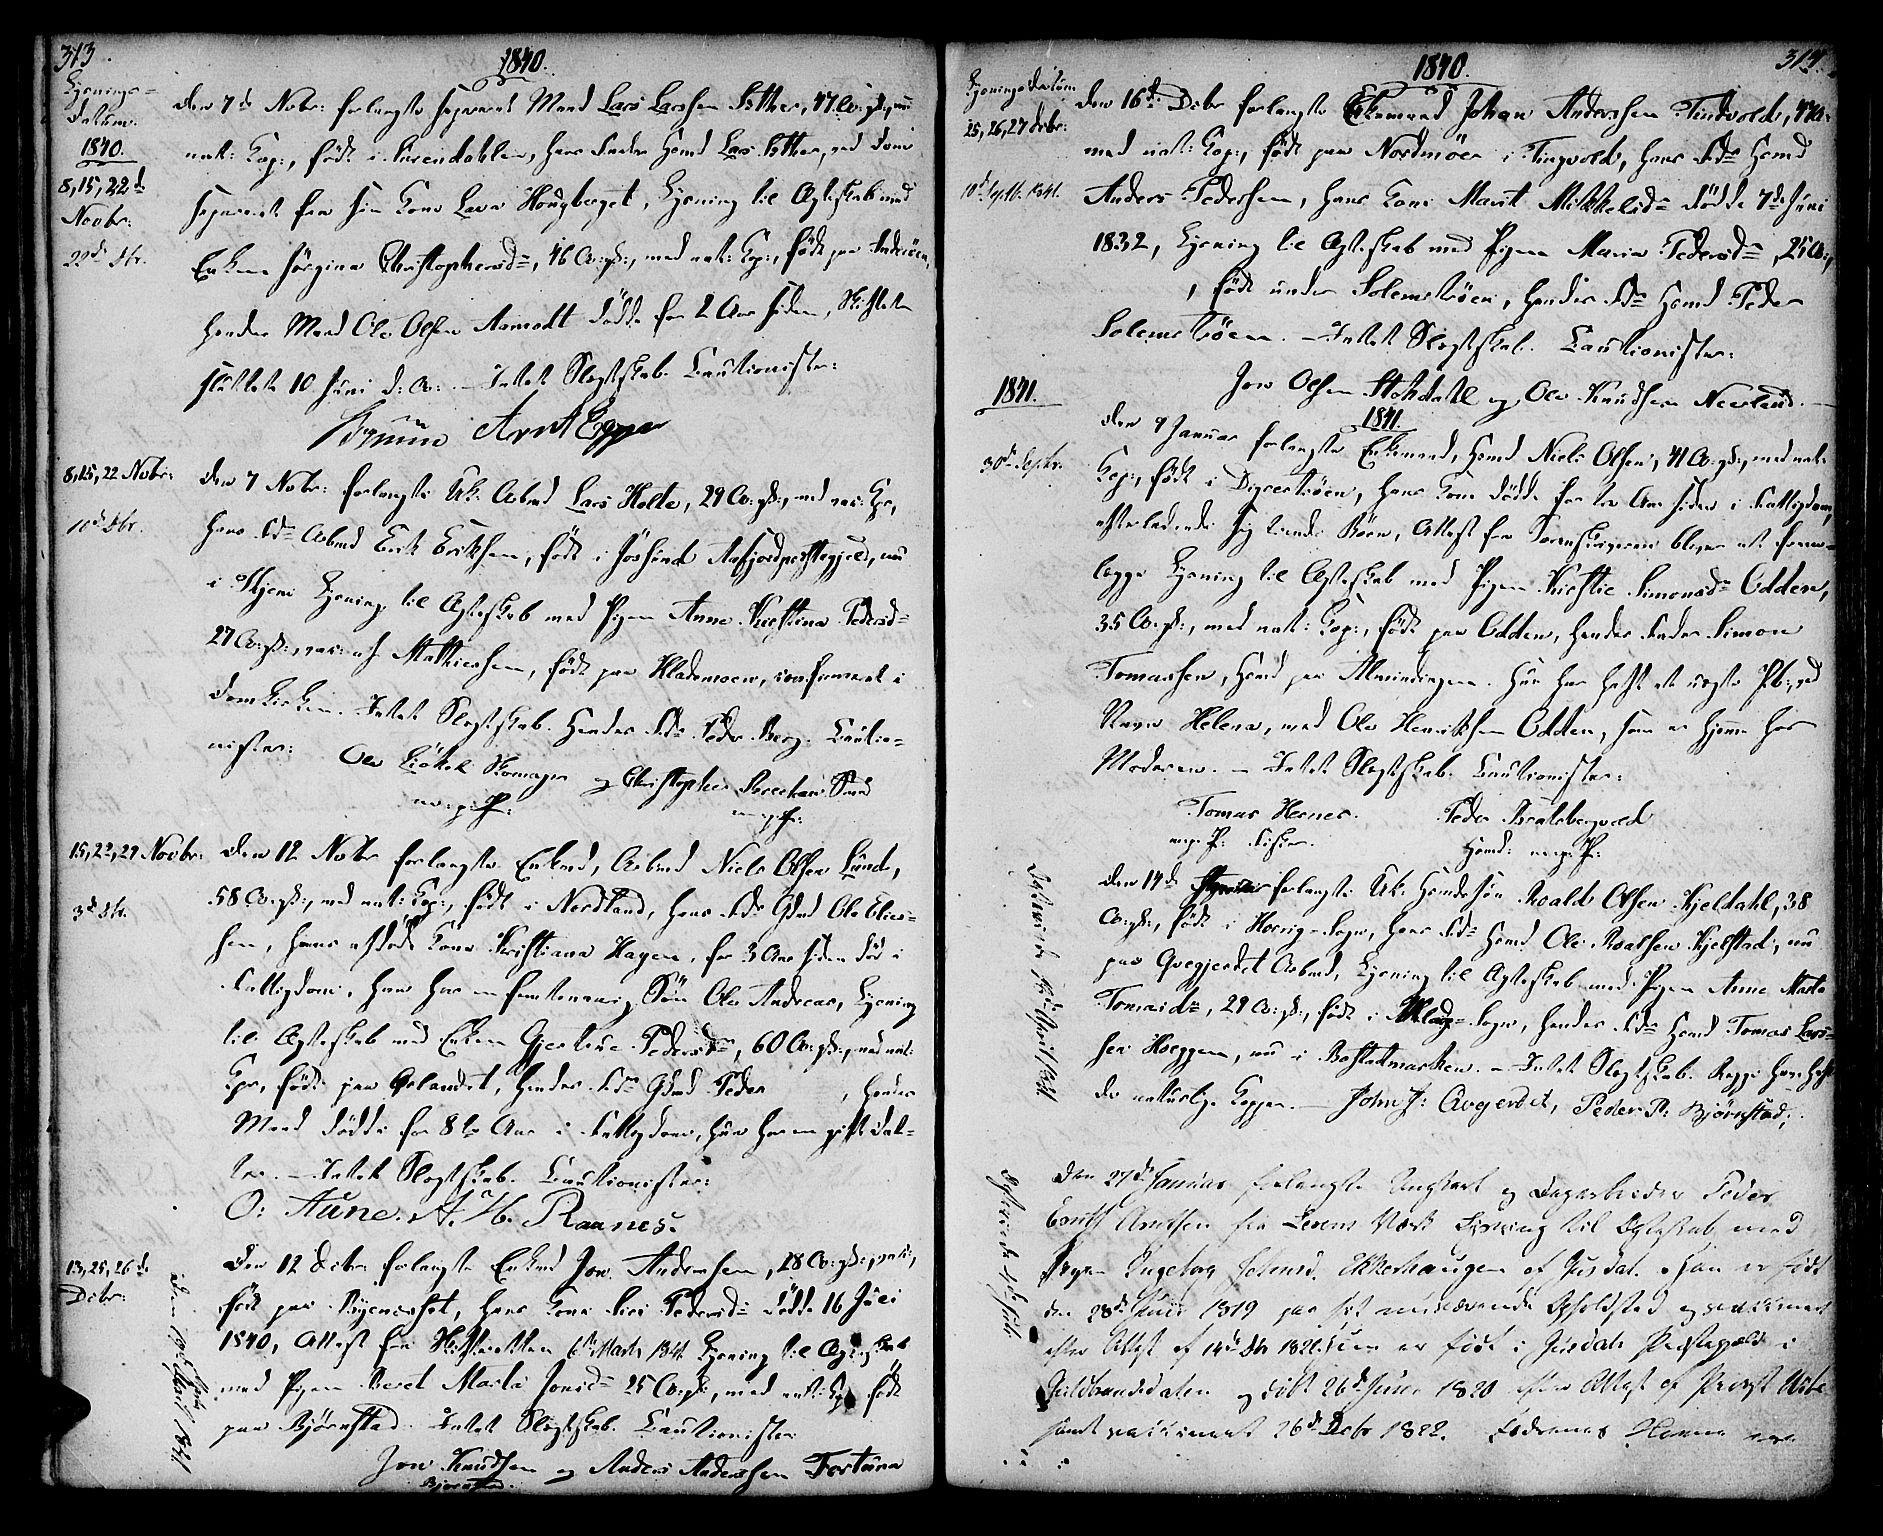 SAT, Ministerialprotokoller, klokkerbøker og fødselsregistre - Sør-Trøndelag, 604/L0181: Ministerialbok nr. 604A02, 1798-1817, s. 313-314